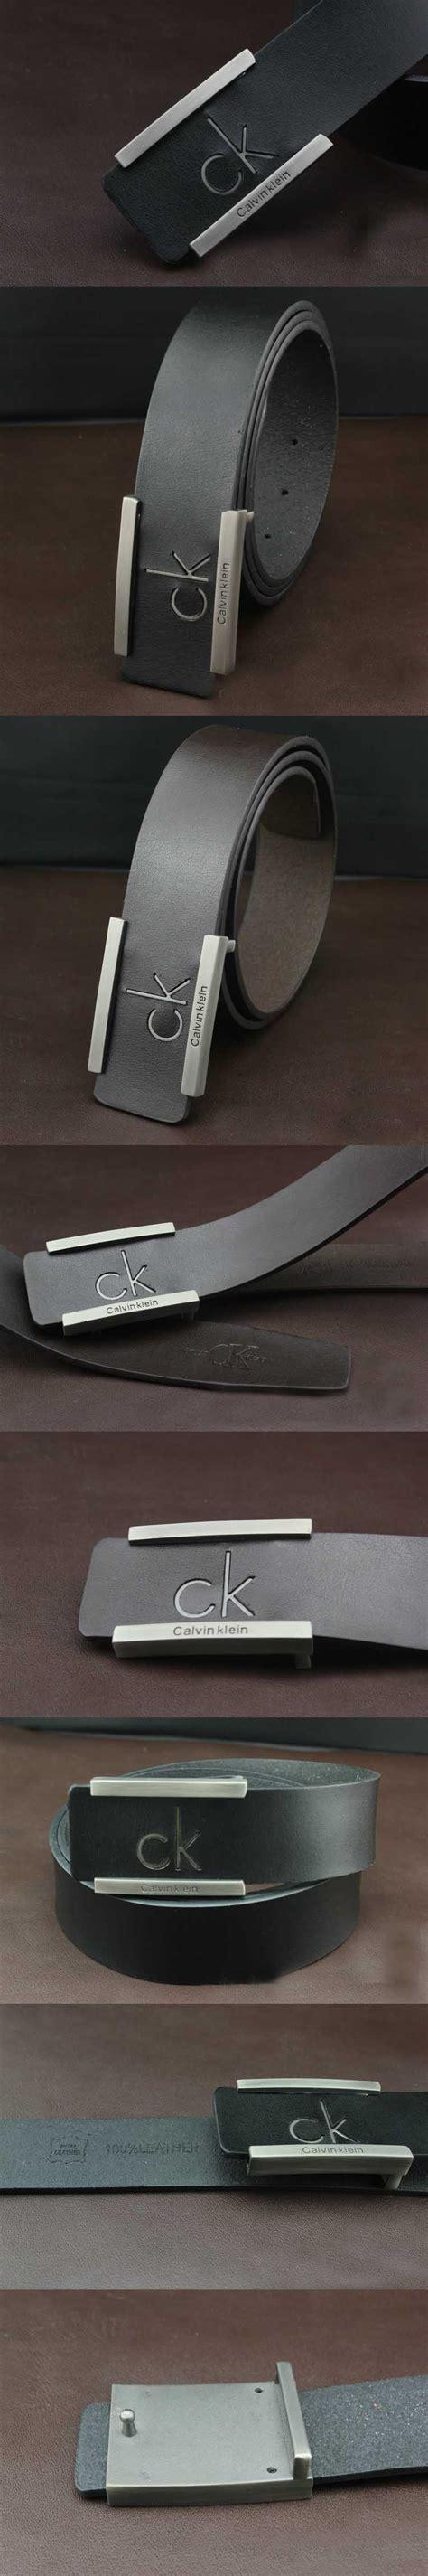 Daftar Tas Calvin Klein jual sabuk kulit calvin klein